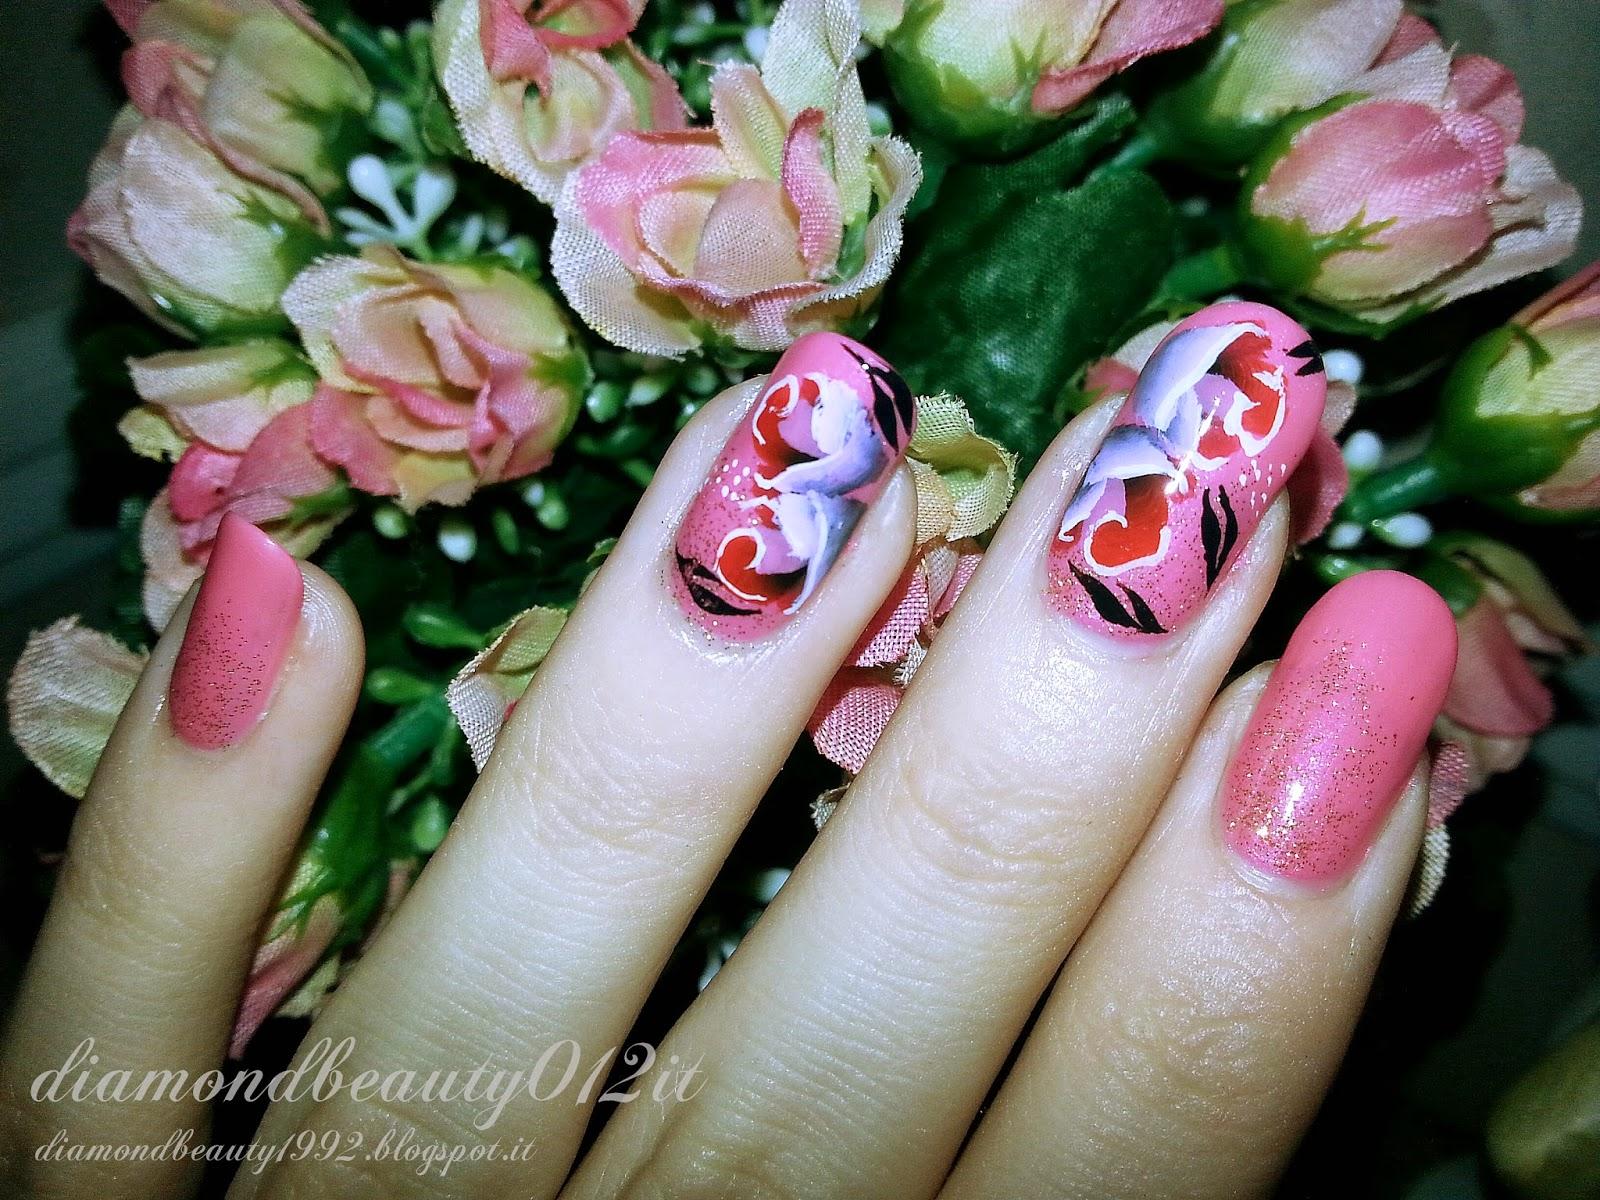 rose bouquet nails